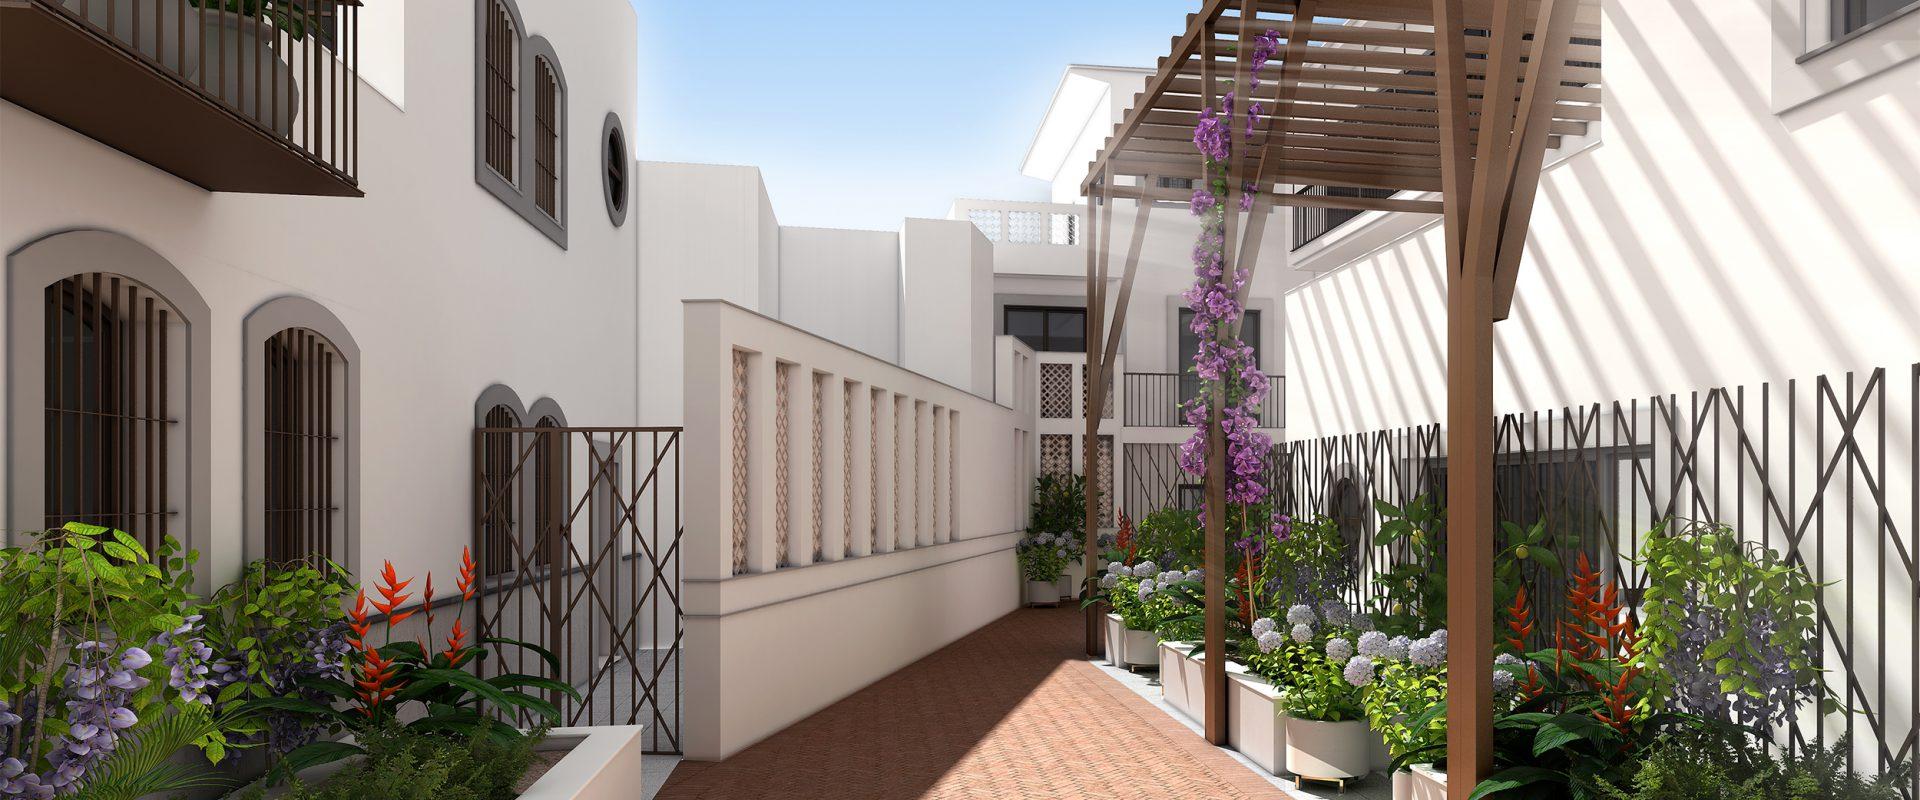 Estas son las ventajas de tener plantas en nuestras viviendas - Grupo Gabriel Rojas